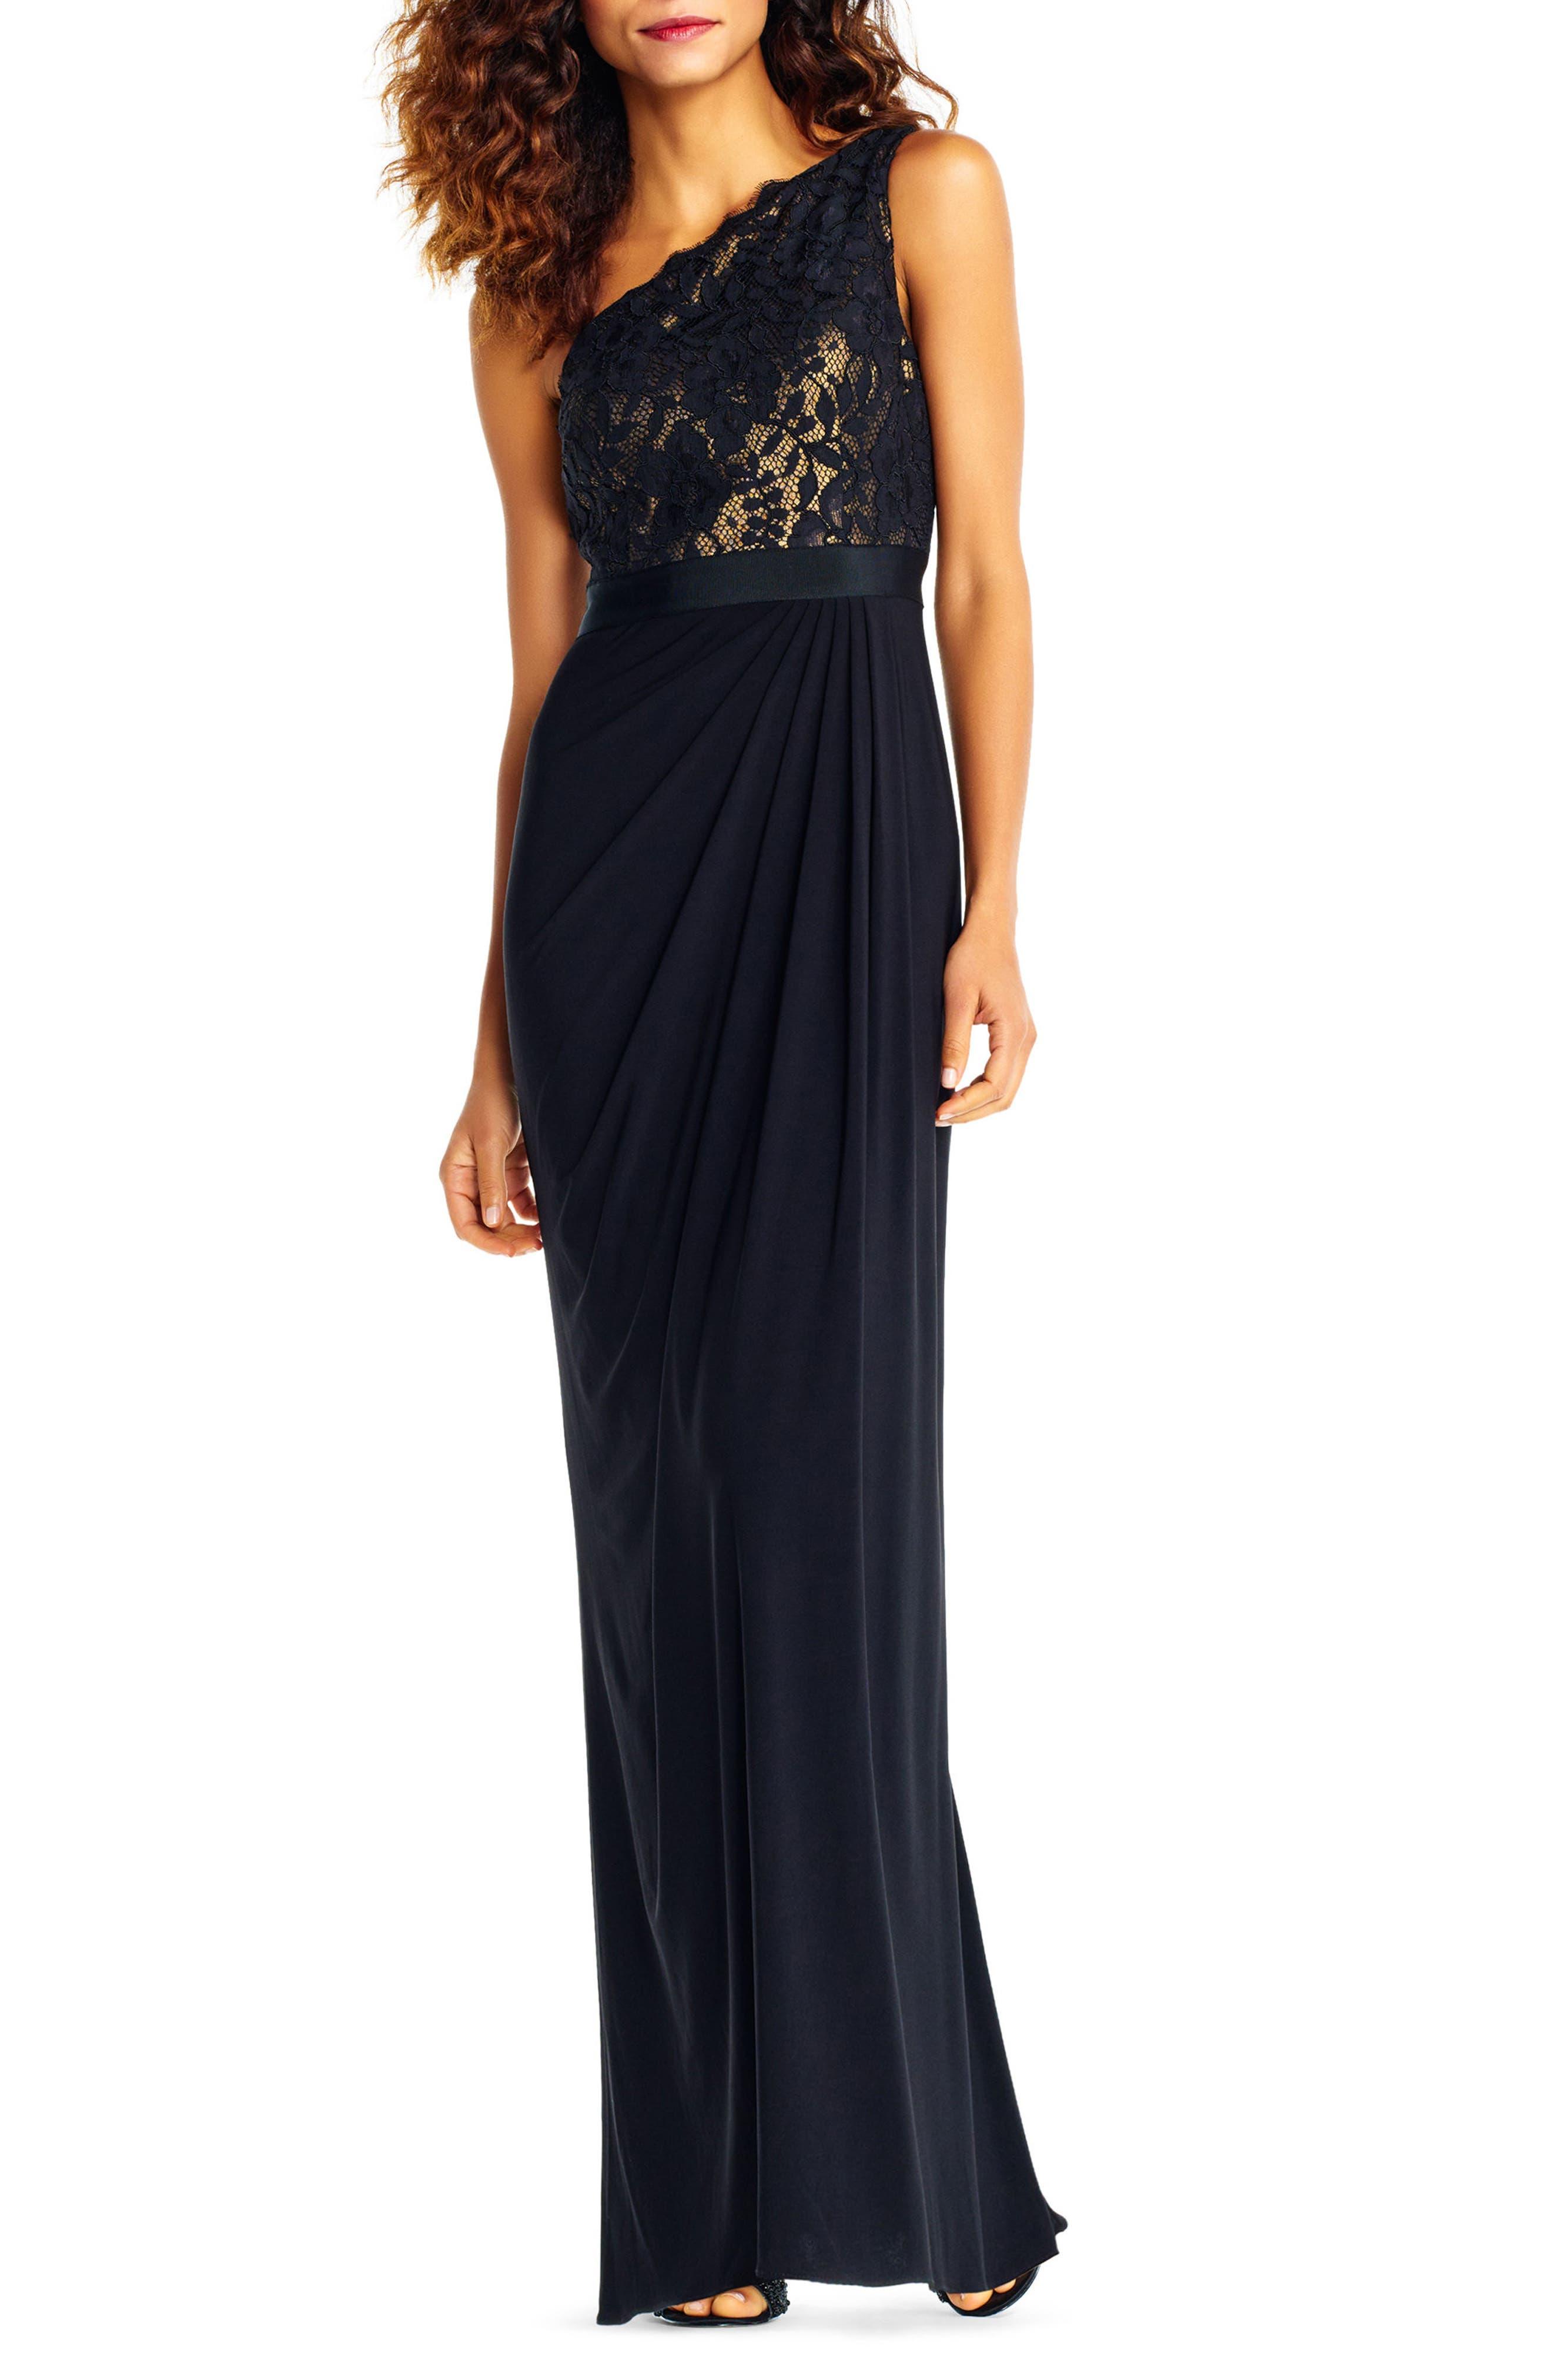 Lace One-Shoulder Gown,                             Main thumbnail 1, color,                             Black/Copper